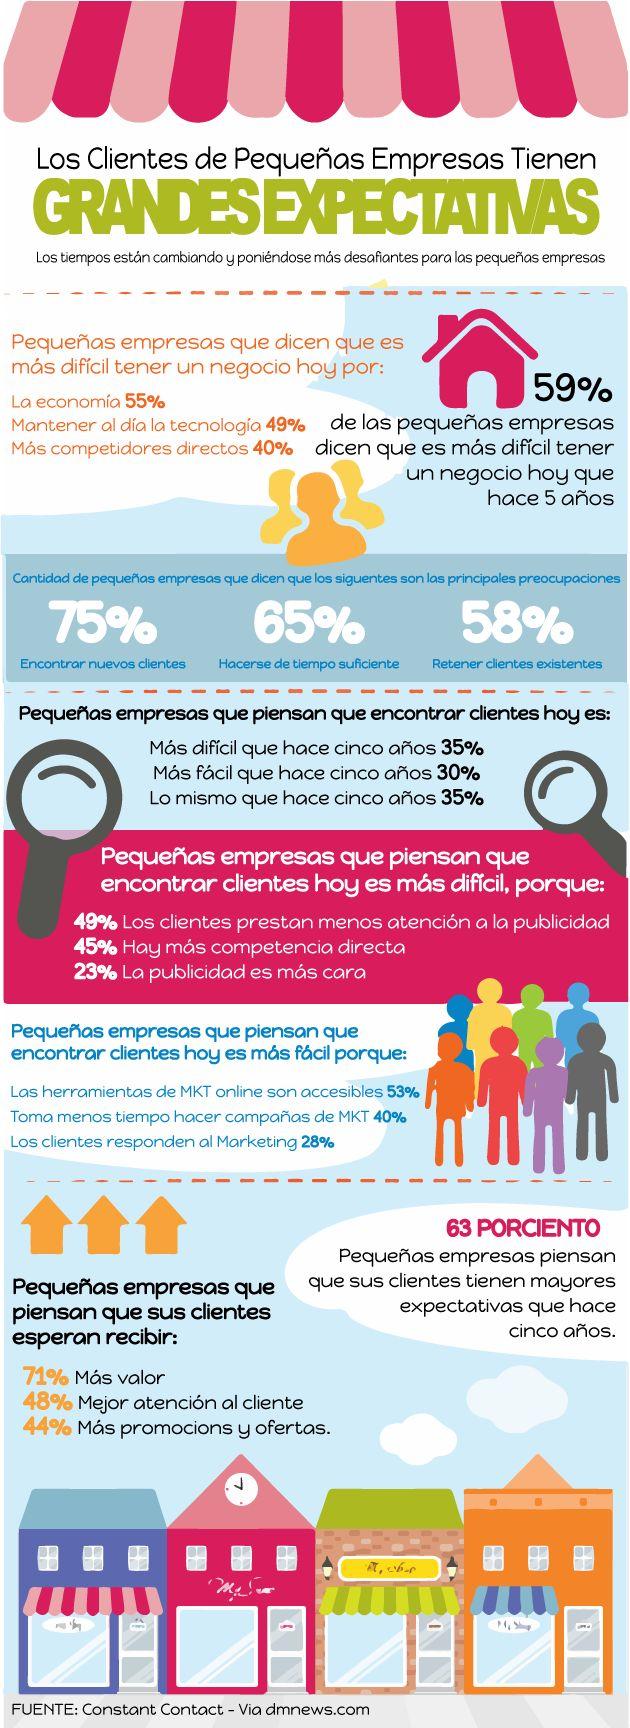 Los clientes de las pymes tienen grandes expectativas #infografia #infographic #marketing